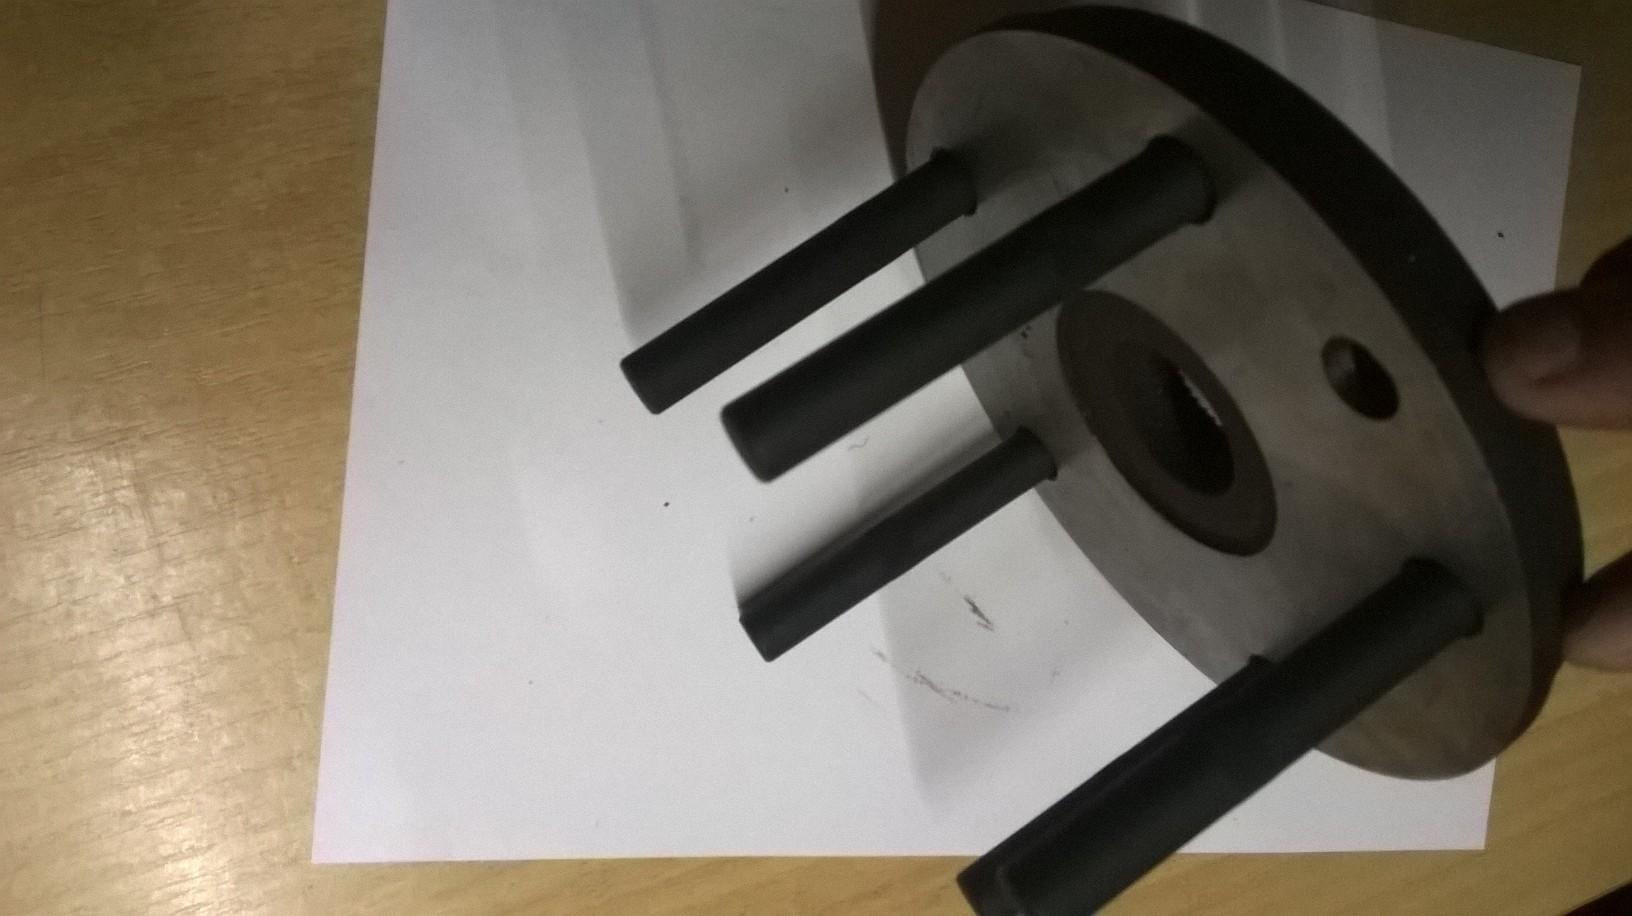 Ściągacz piasty łożyska VW T5 (montaż i demontaż na samochodzie - Mojenarzędzia - Łożyska, piasty